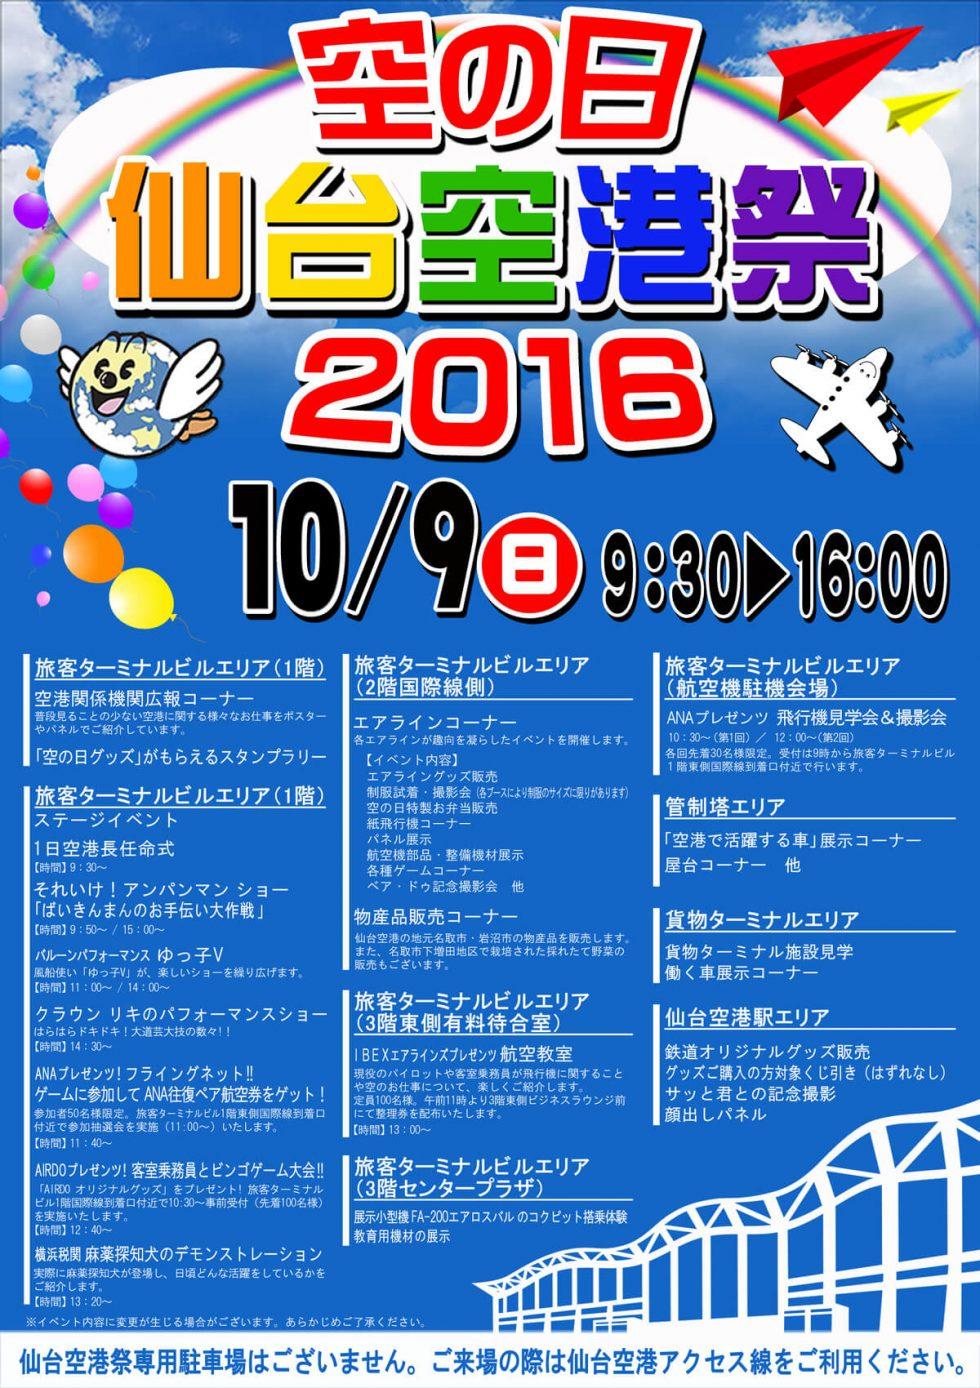 空の日 仙台空港祭2016 10/9(日) 9:30〜16:00